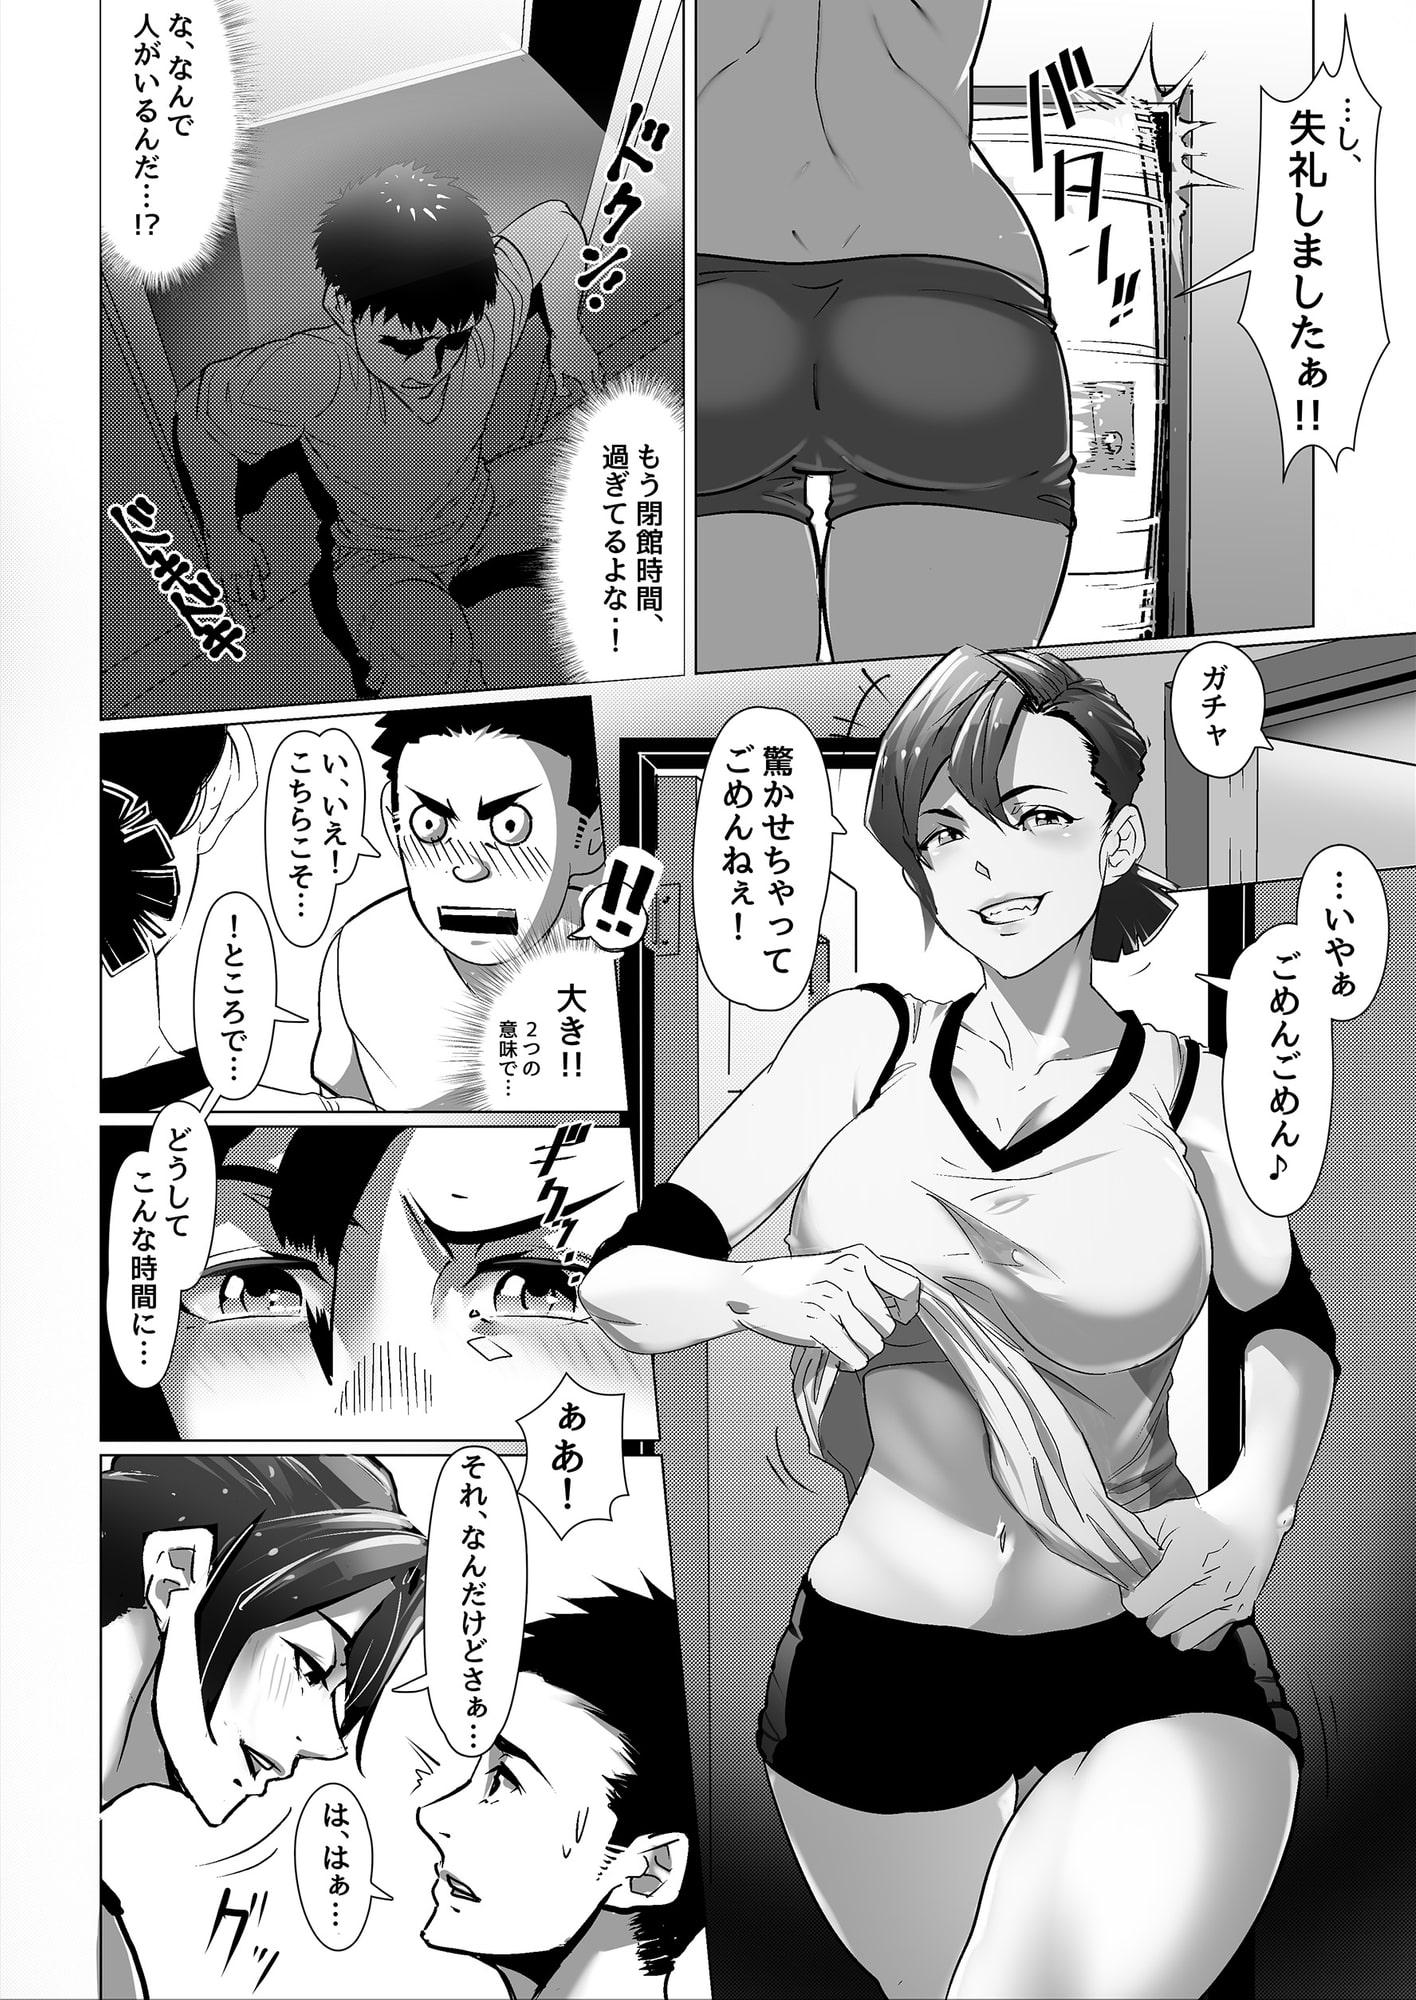 RJ334727 小さな偶然で女子更衣室に入ってしまった話-vol.03-女子バレー編 [20210715]